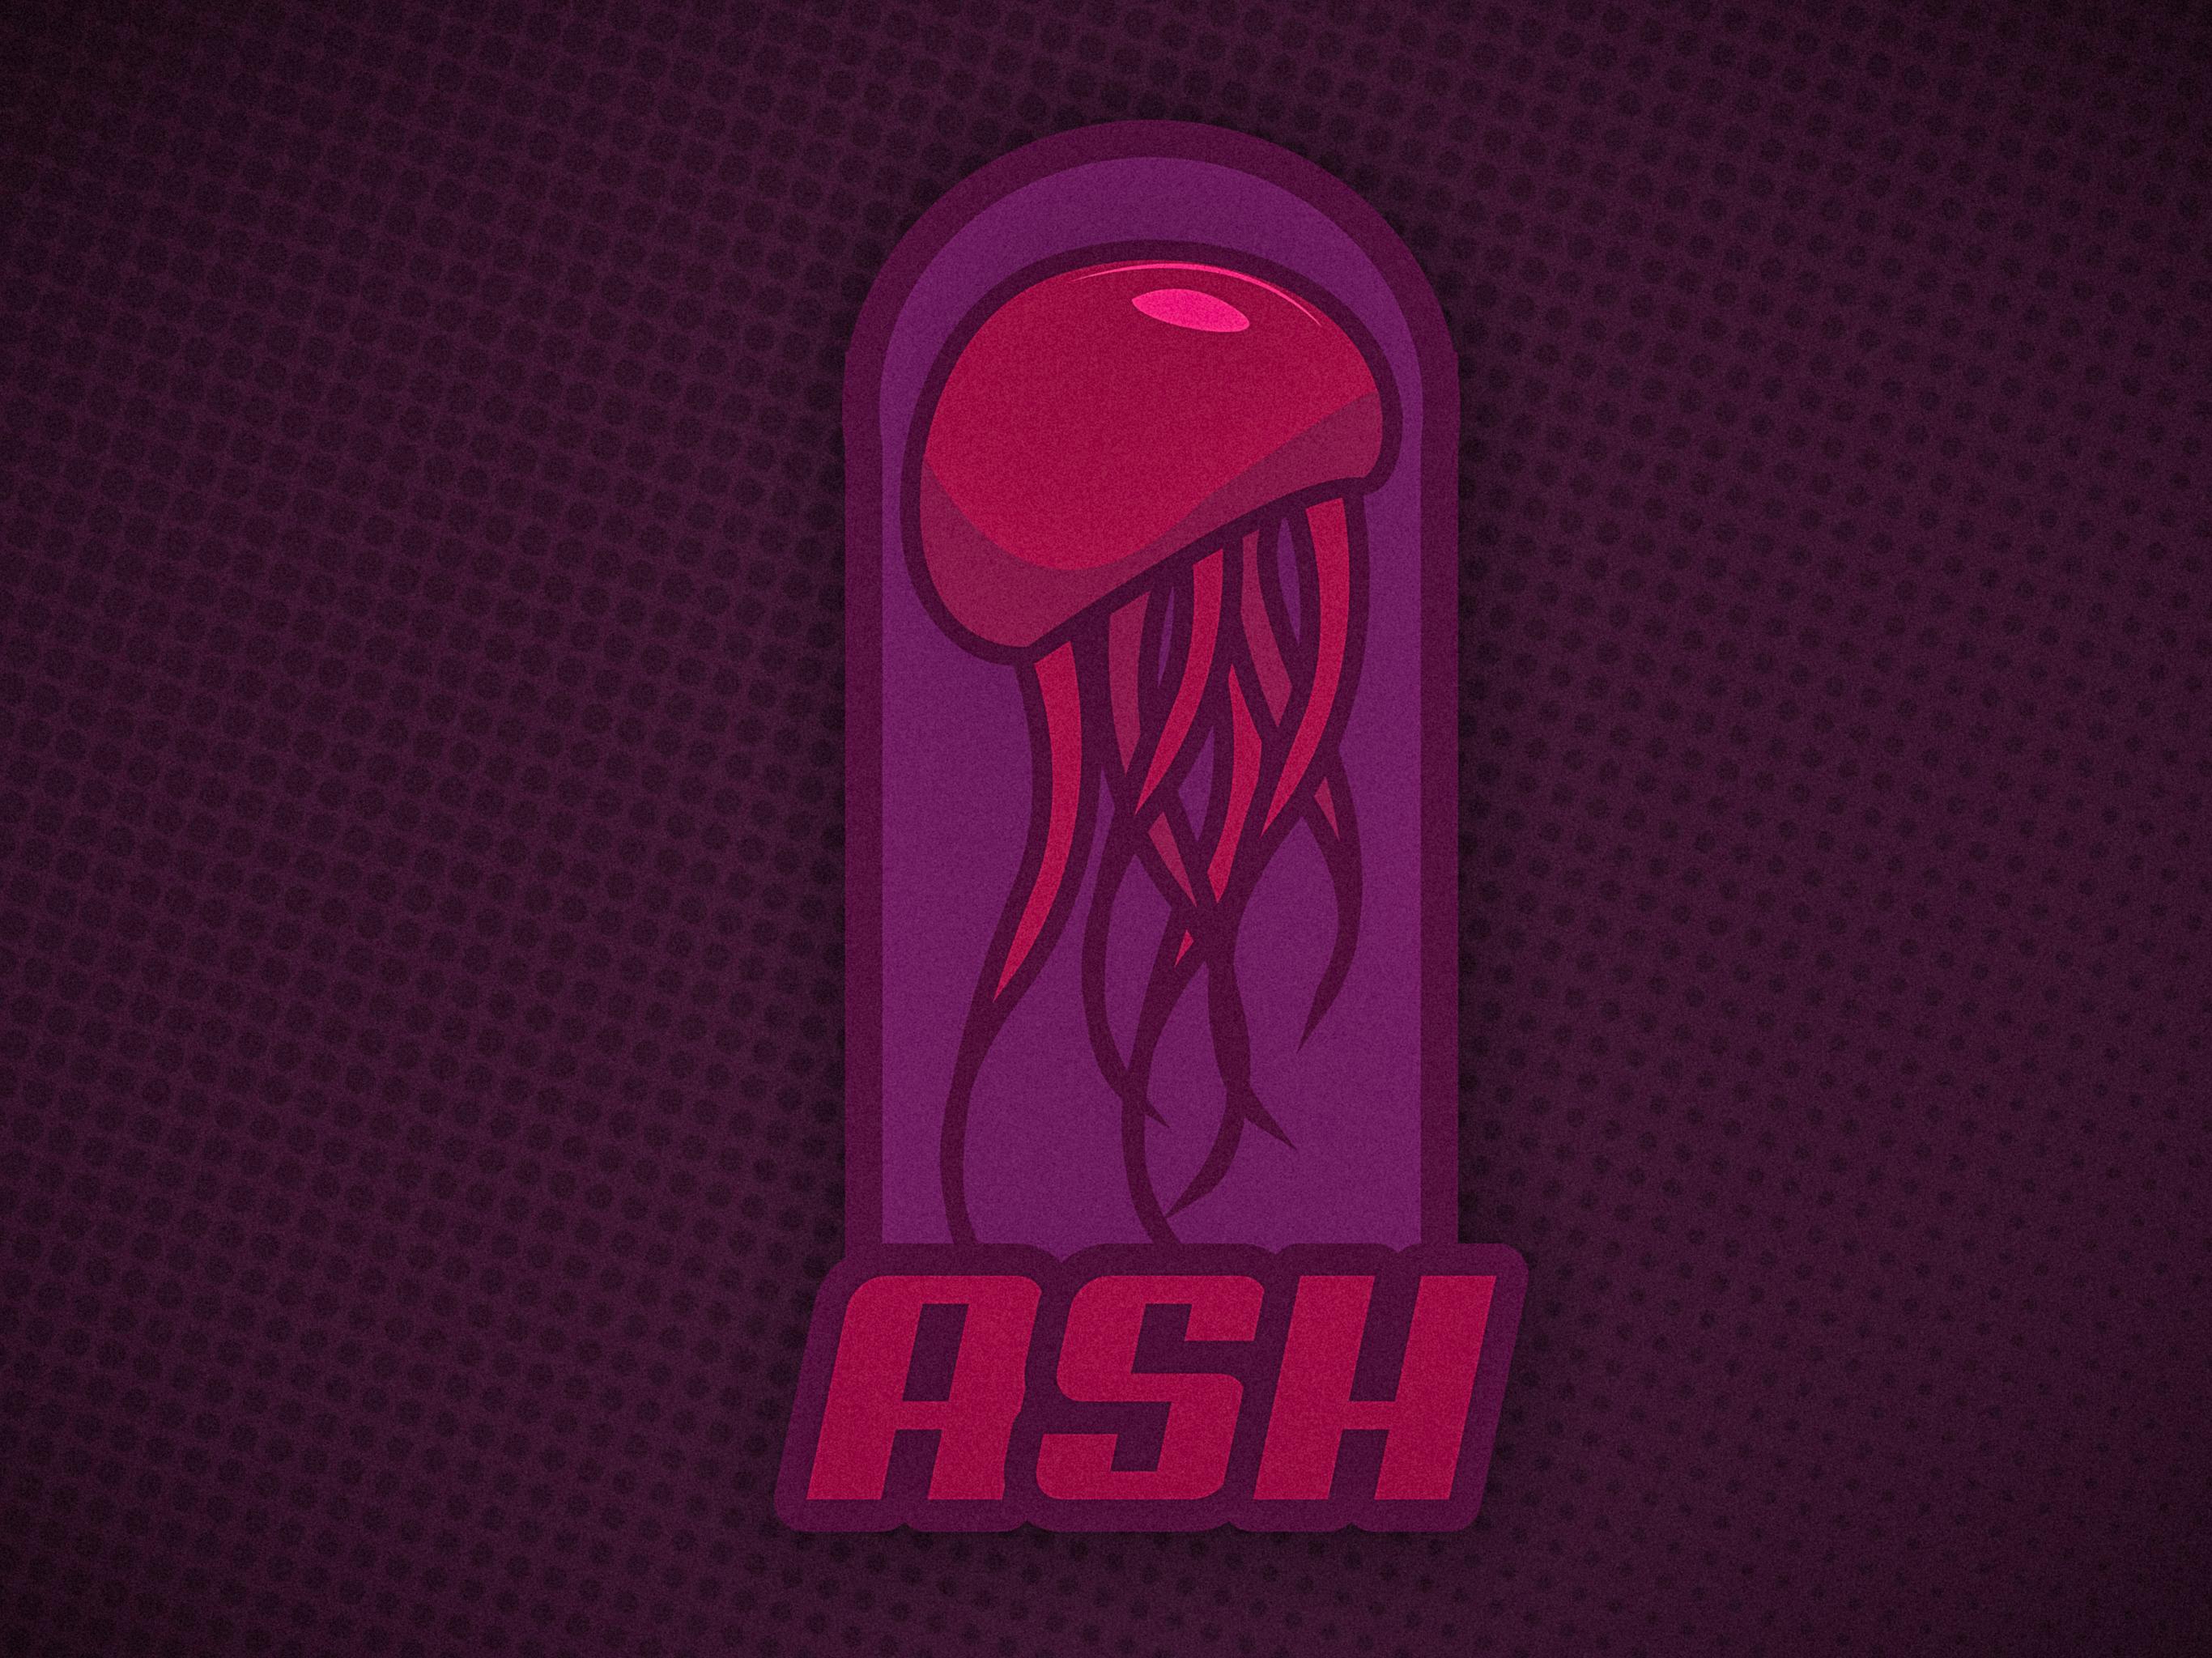 ashl.jpg